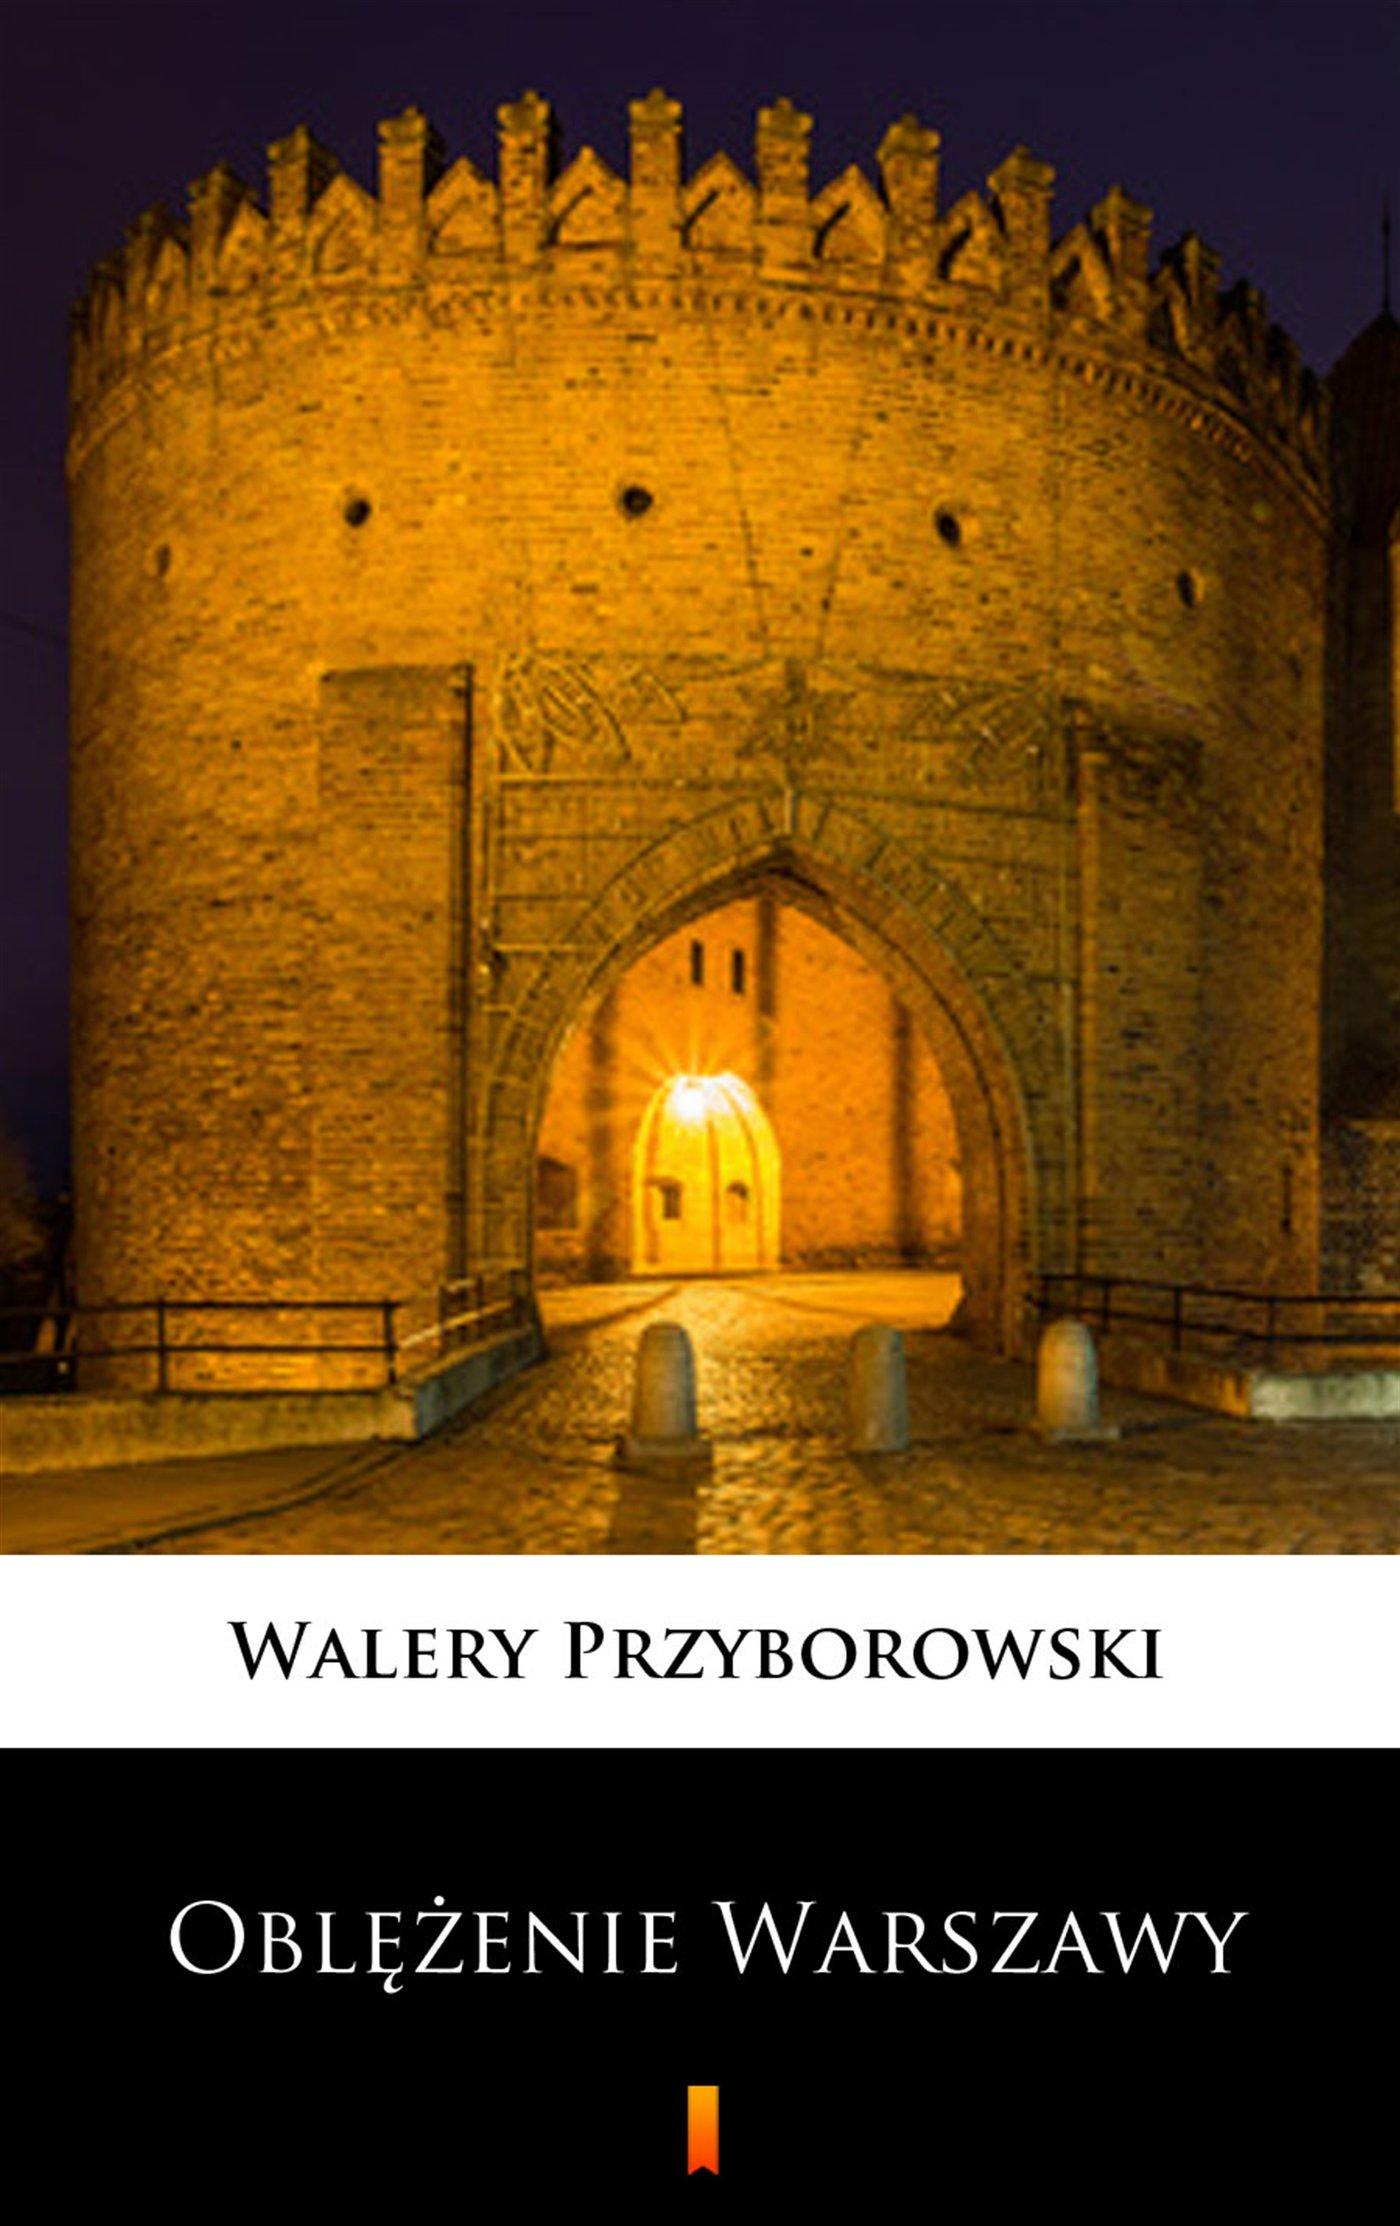 Oblężenie Warszawy - Ebook (Książka na Kindle) do pobrania w formacie MOBI